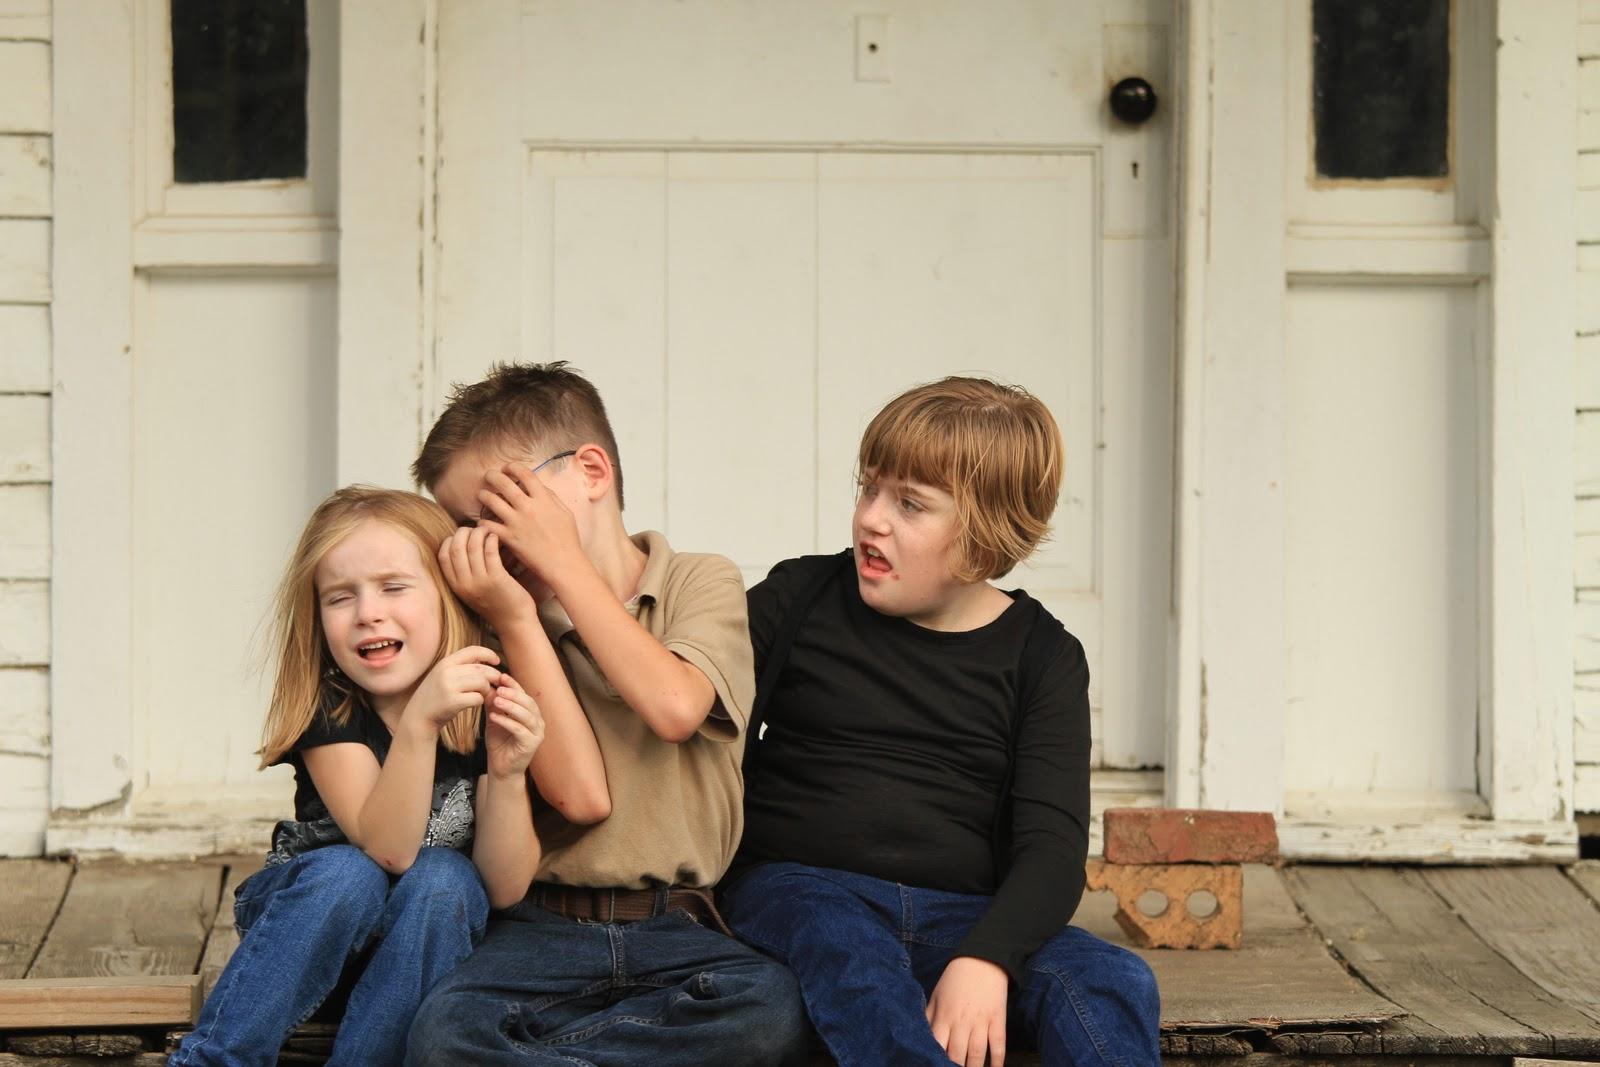 Forrás: mallorydene.blogspot.com